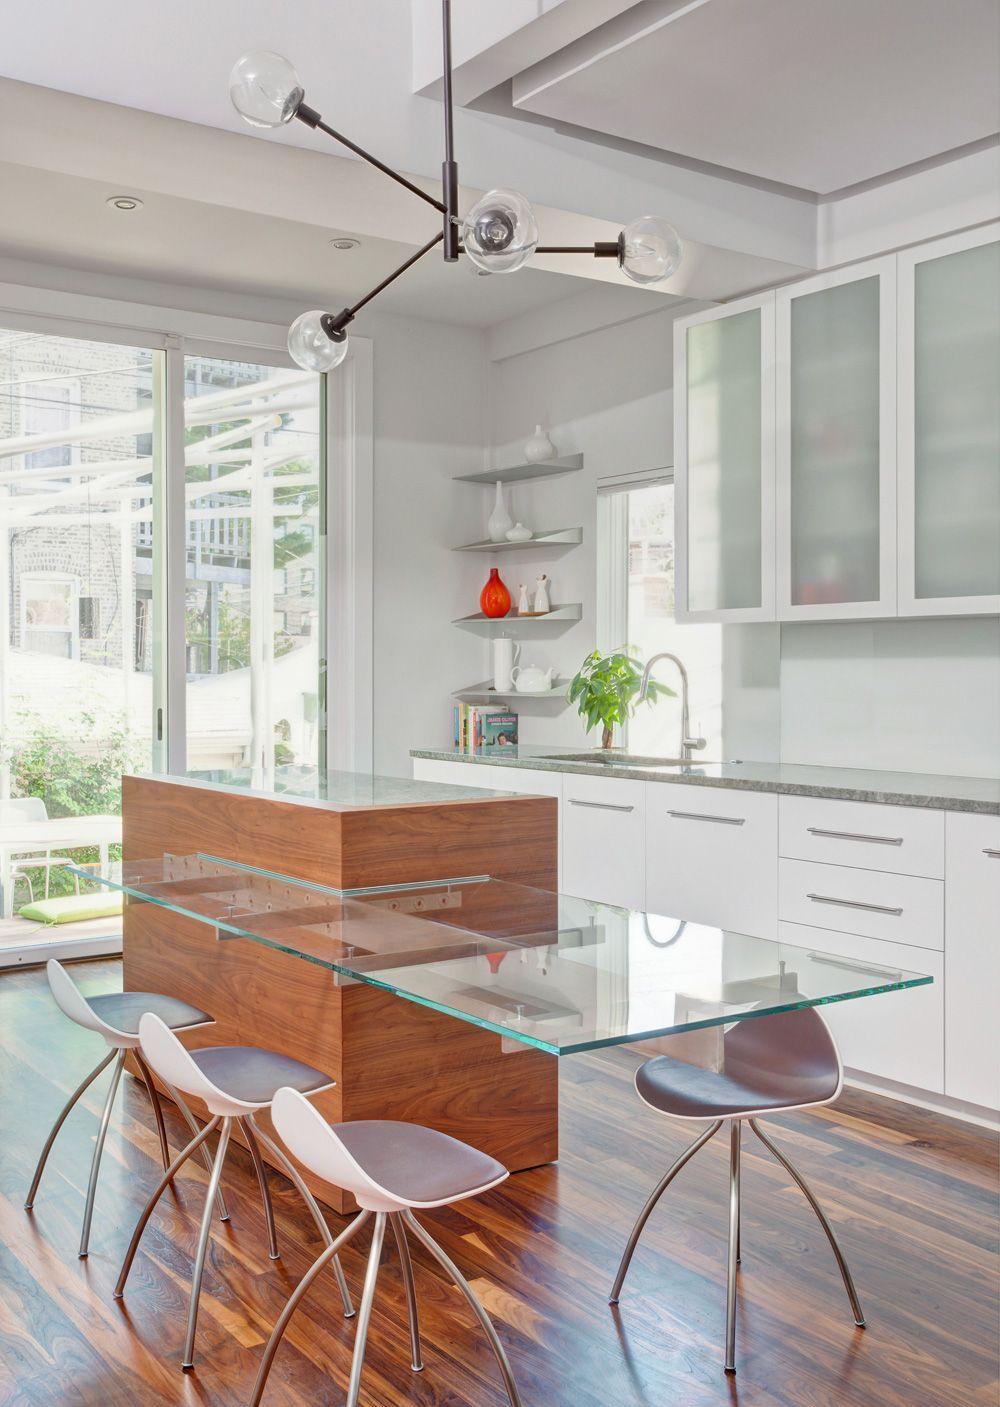 Glenwood Interior Modern Kitchen Contemporary Kitchen Stylish Kitchen